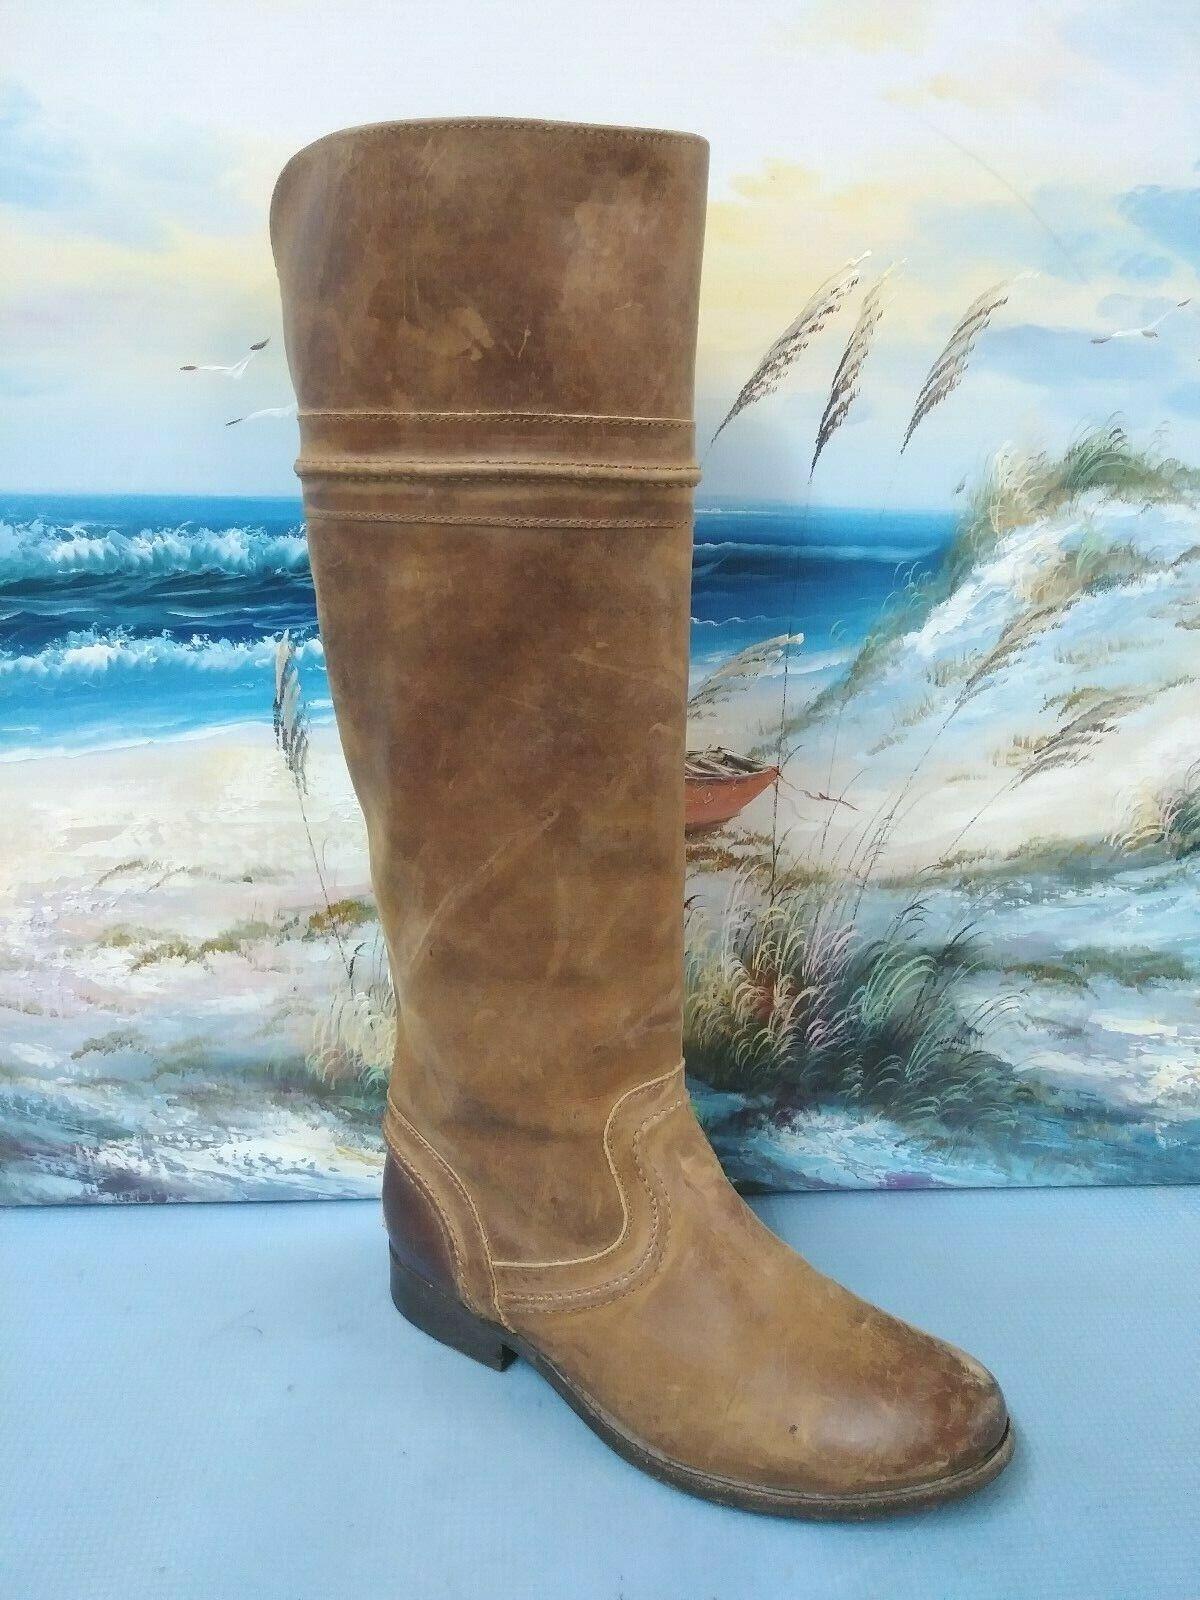 Frye Melissa trapunto Montar Rodilla botas 76441 botas De Cuero Marrón Damas 5.5 B